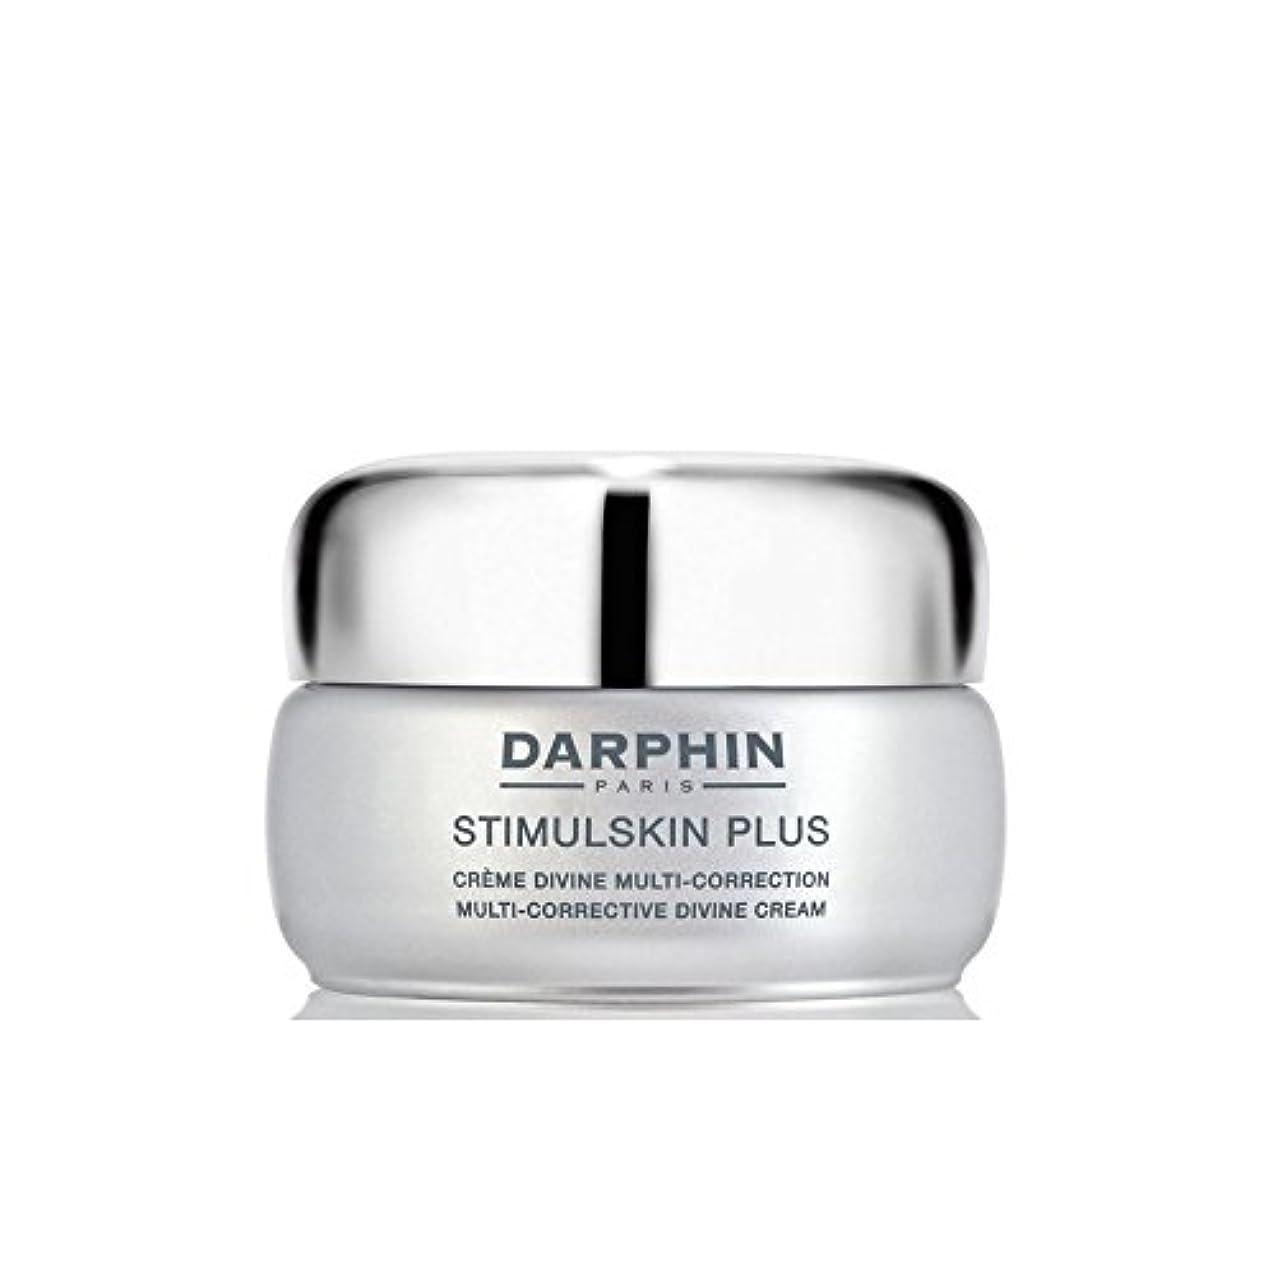 屋内激怒促進するDarphin Stimulskin Plus Multi-Corrective Divine Cream - Rich - ダルファンスティプラスマルチ是正神クリーム - 豊富 [並行輸入品]